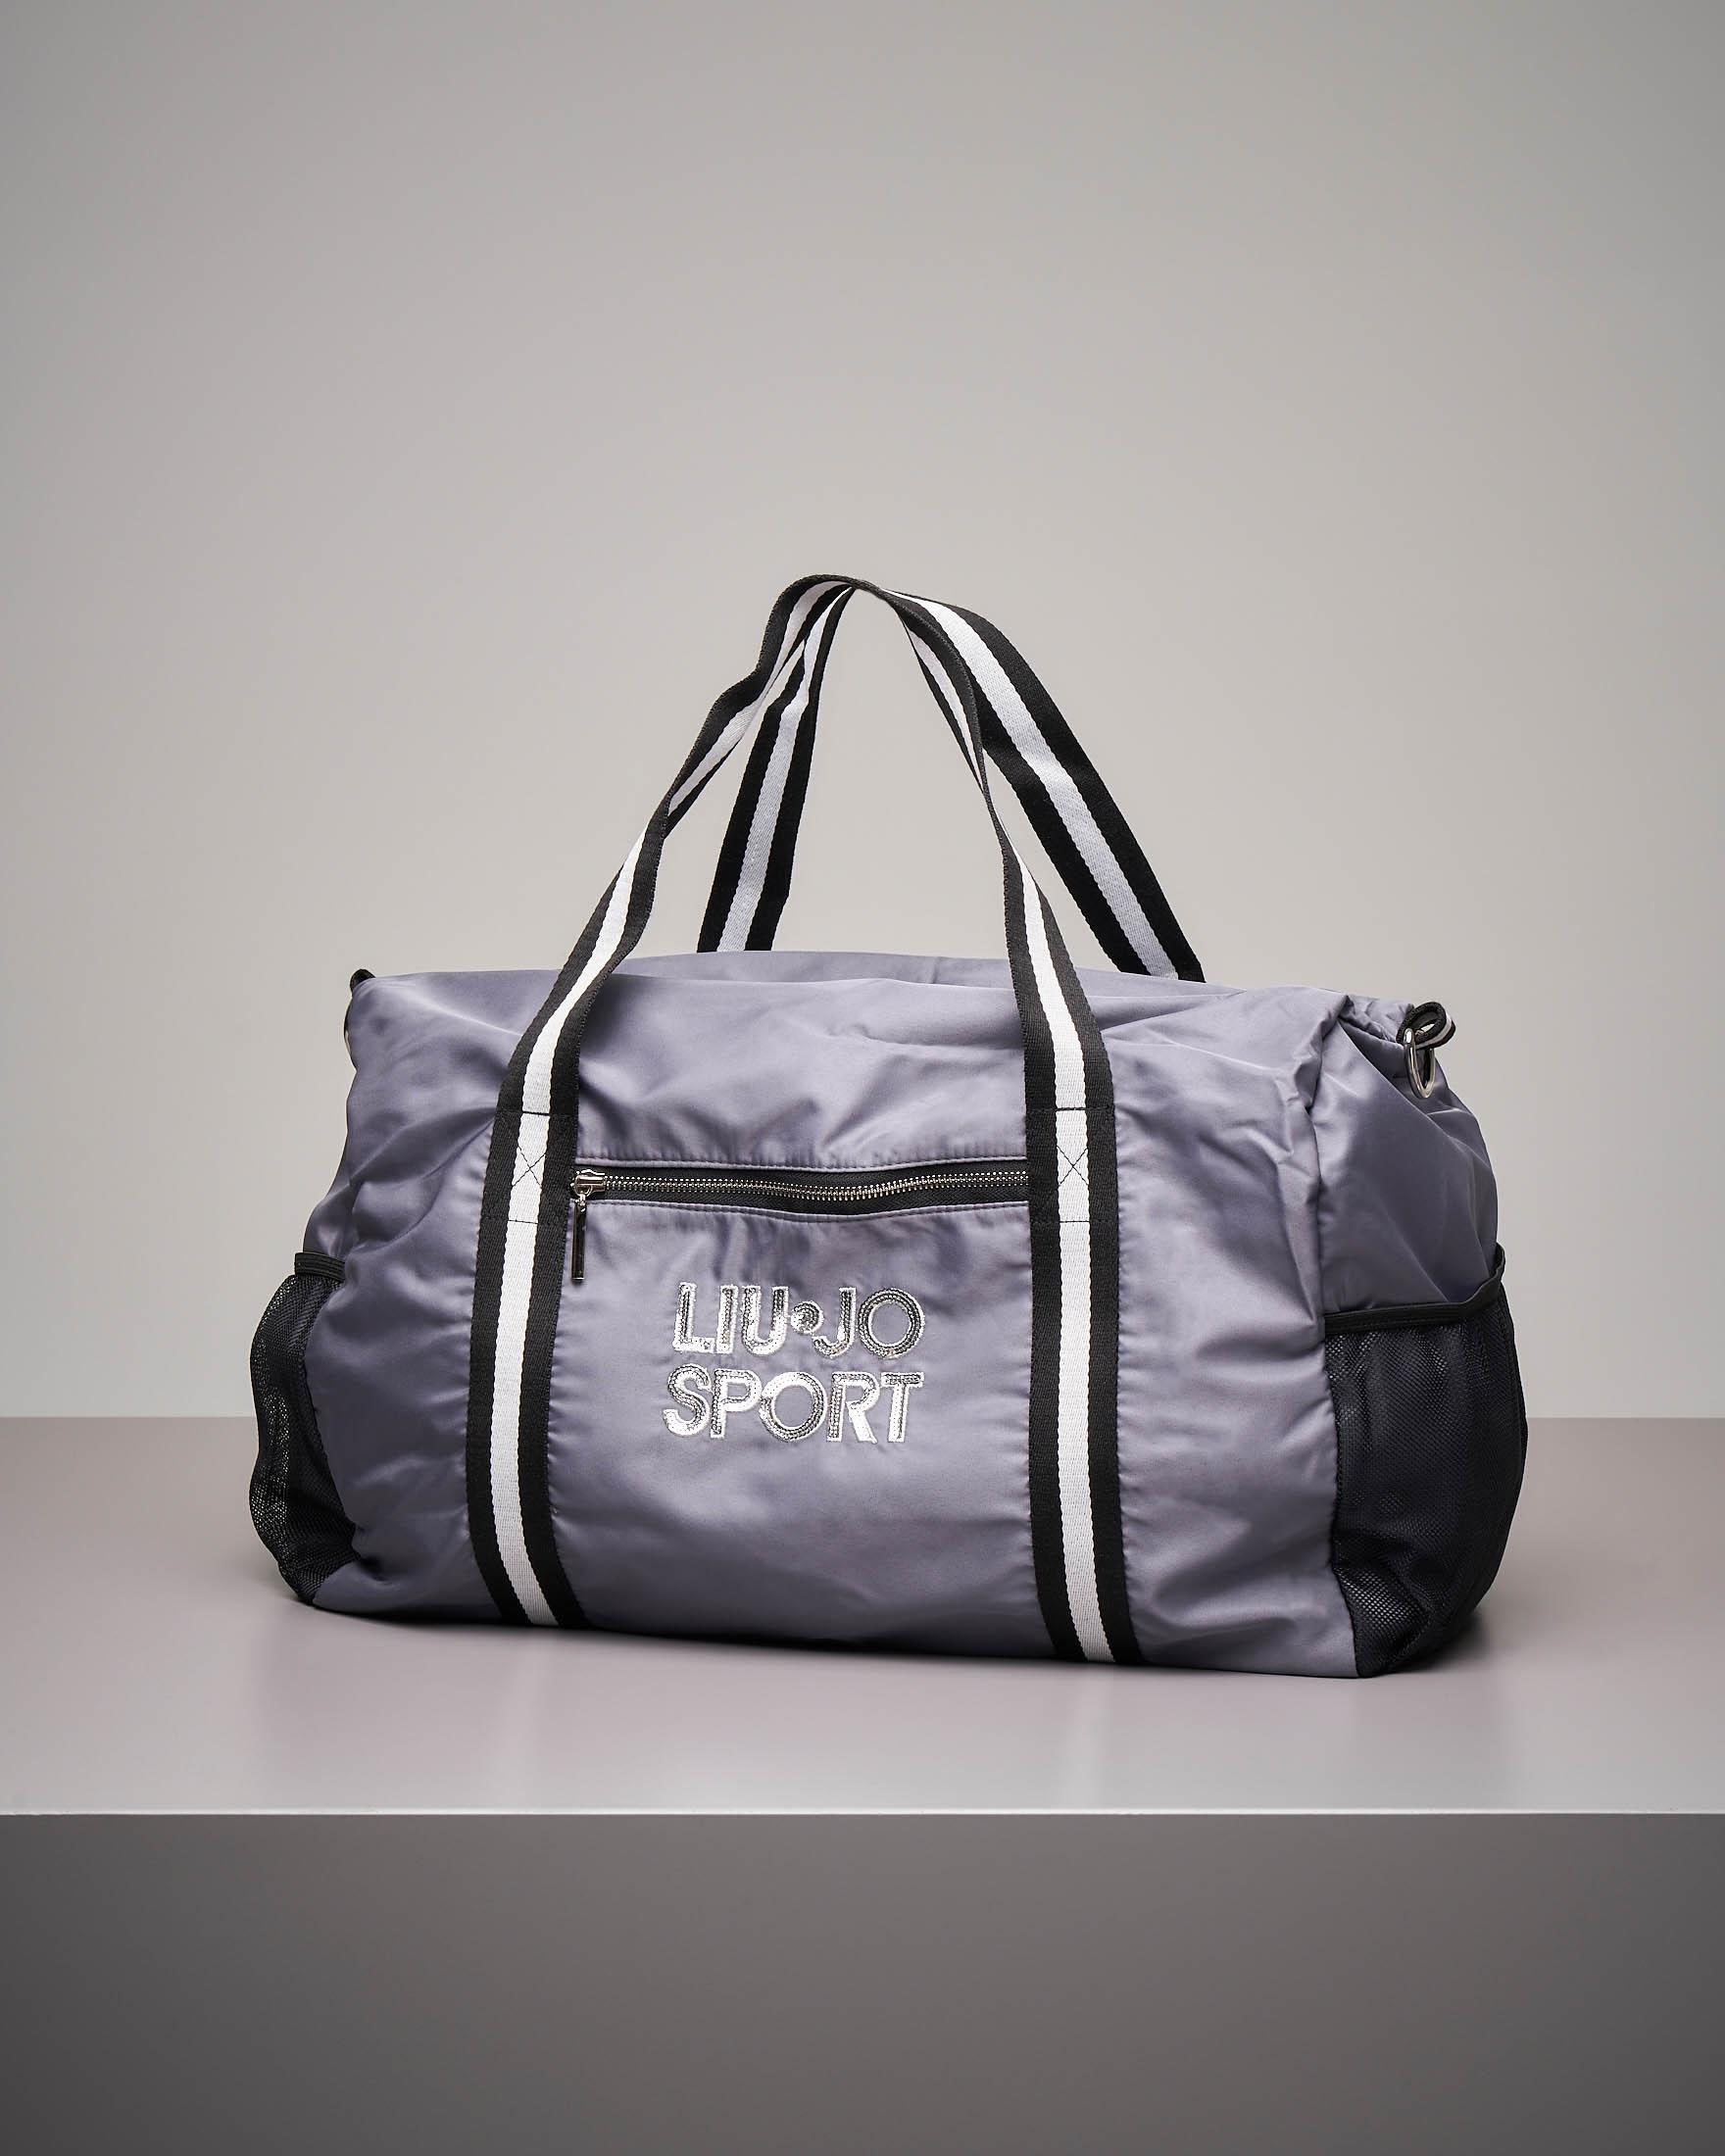 Maxi borsone grigio in nylon con logo